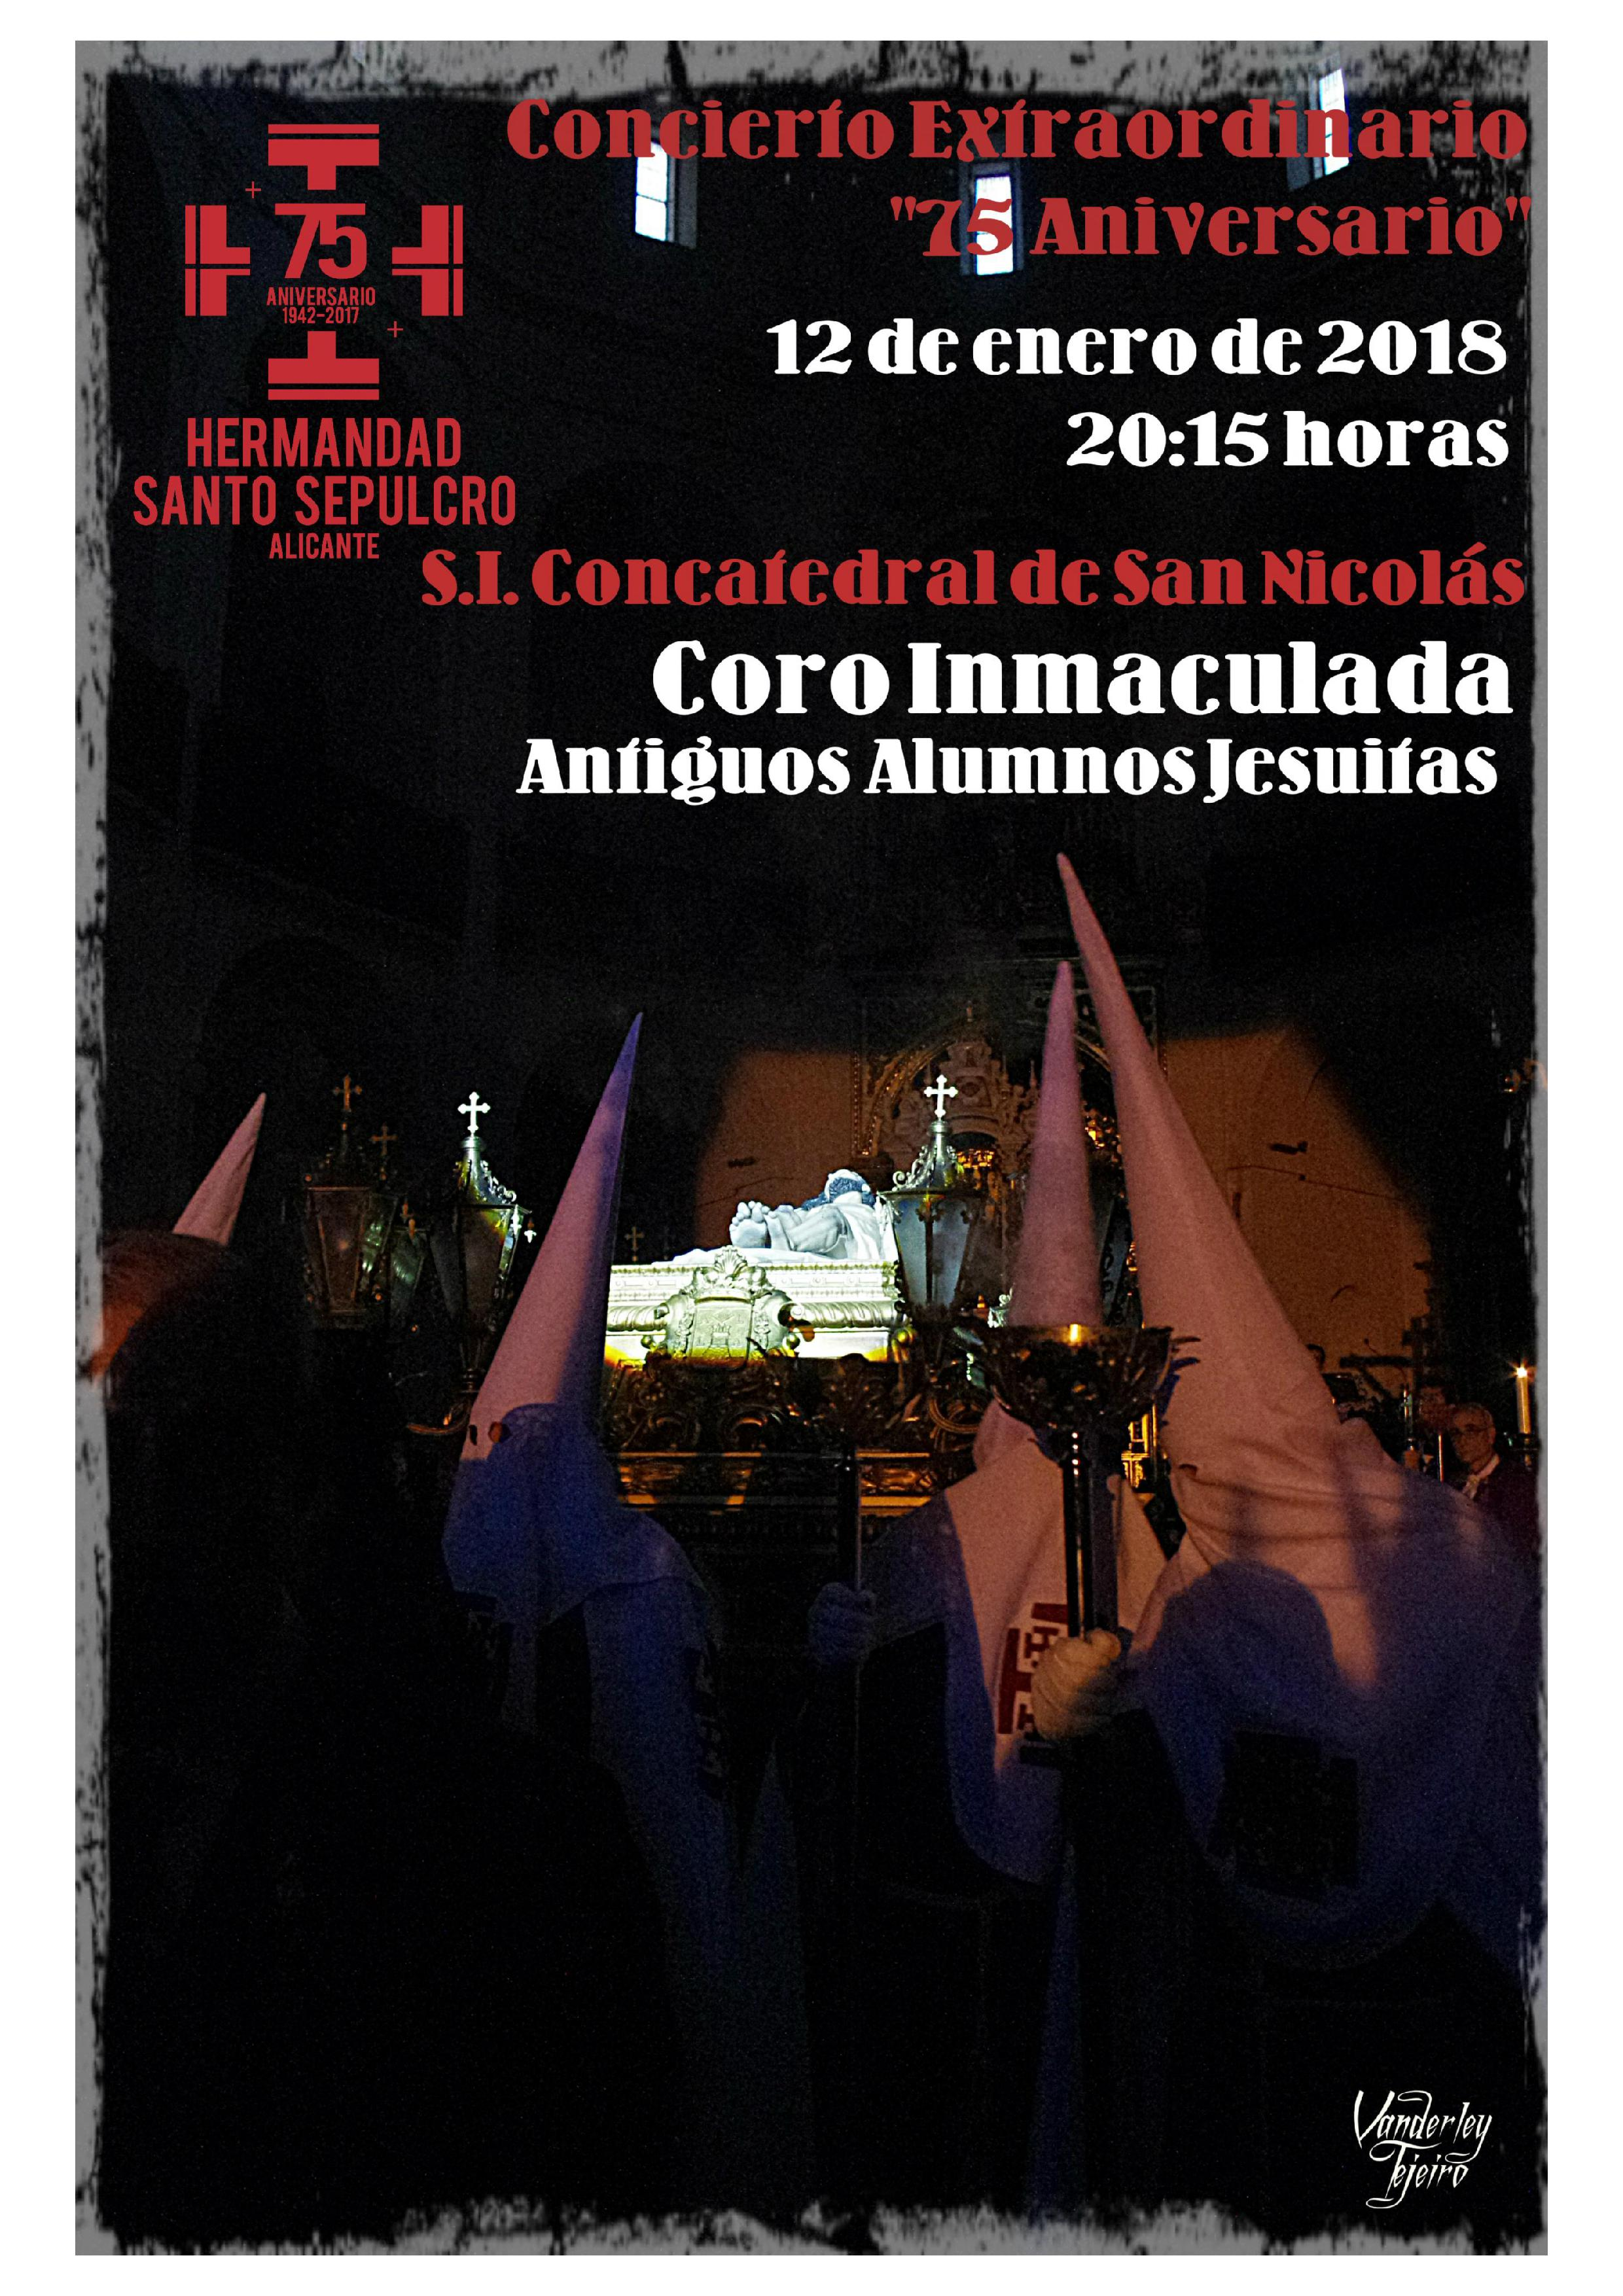 Concierto Extraordinario 75 Aniversario Re-fundación Hermandad Santo Sepulcro.